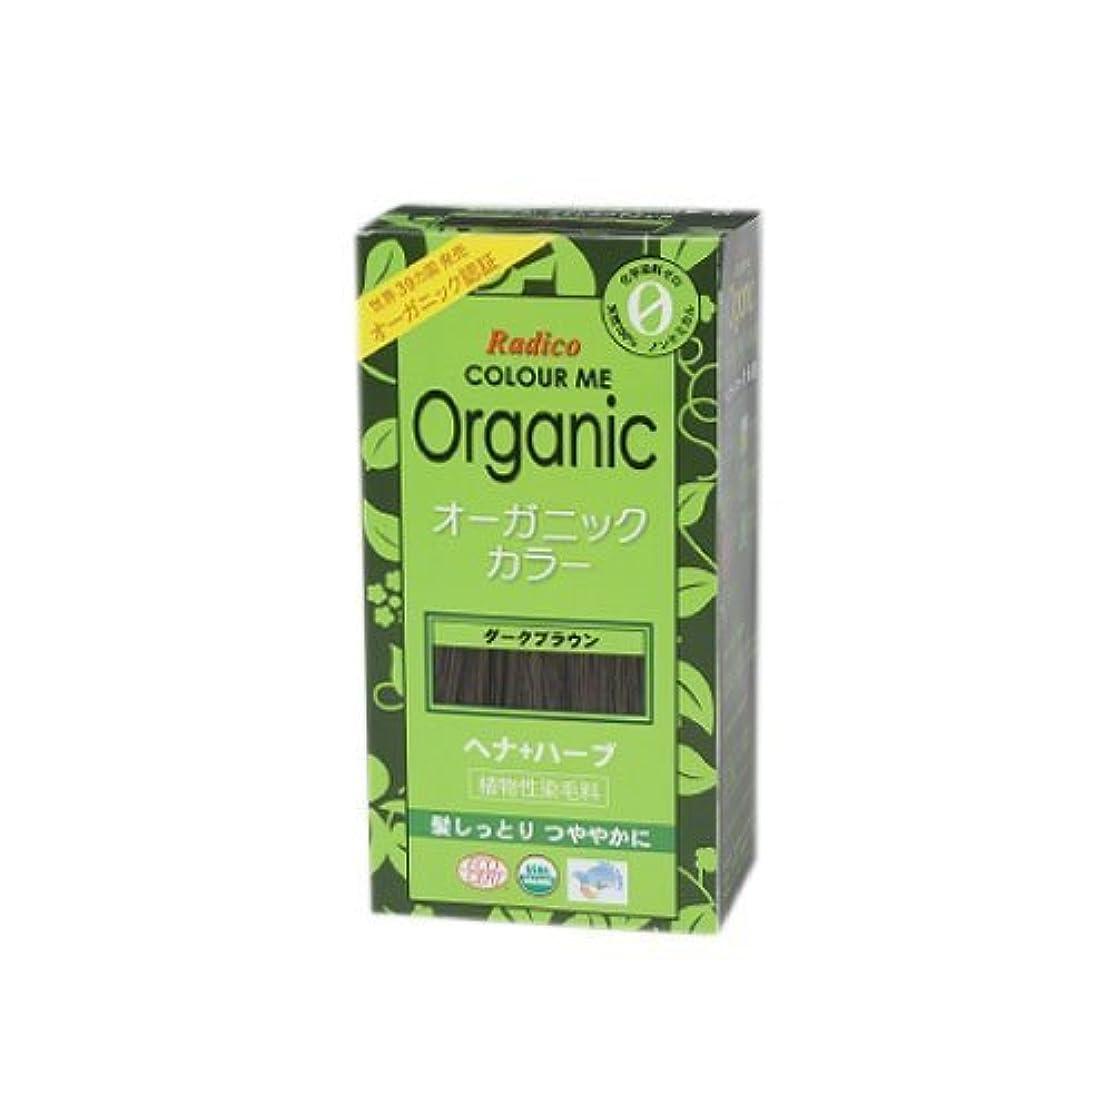 偶然のどのくらいの頻度でアルカトラズ島COLOURME Organic (カラーミーオーガニック ヘナ 白髪用) ダークブラウン 100g